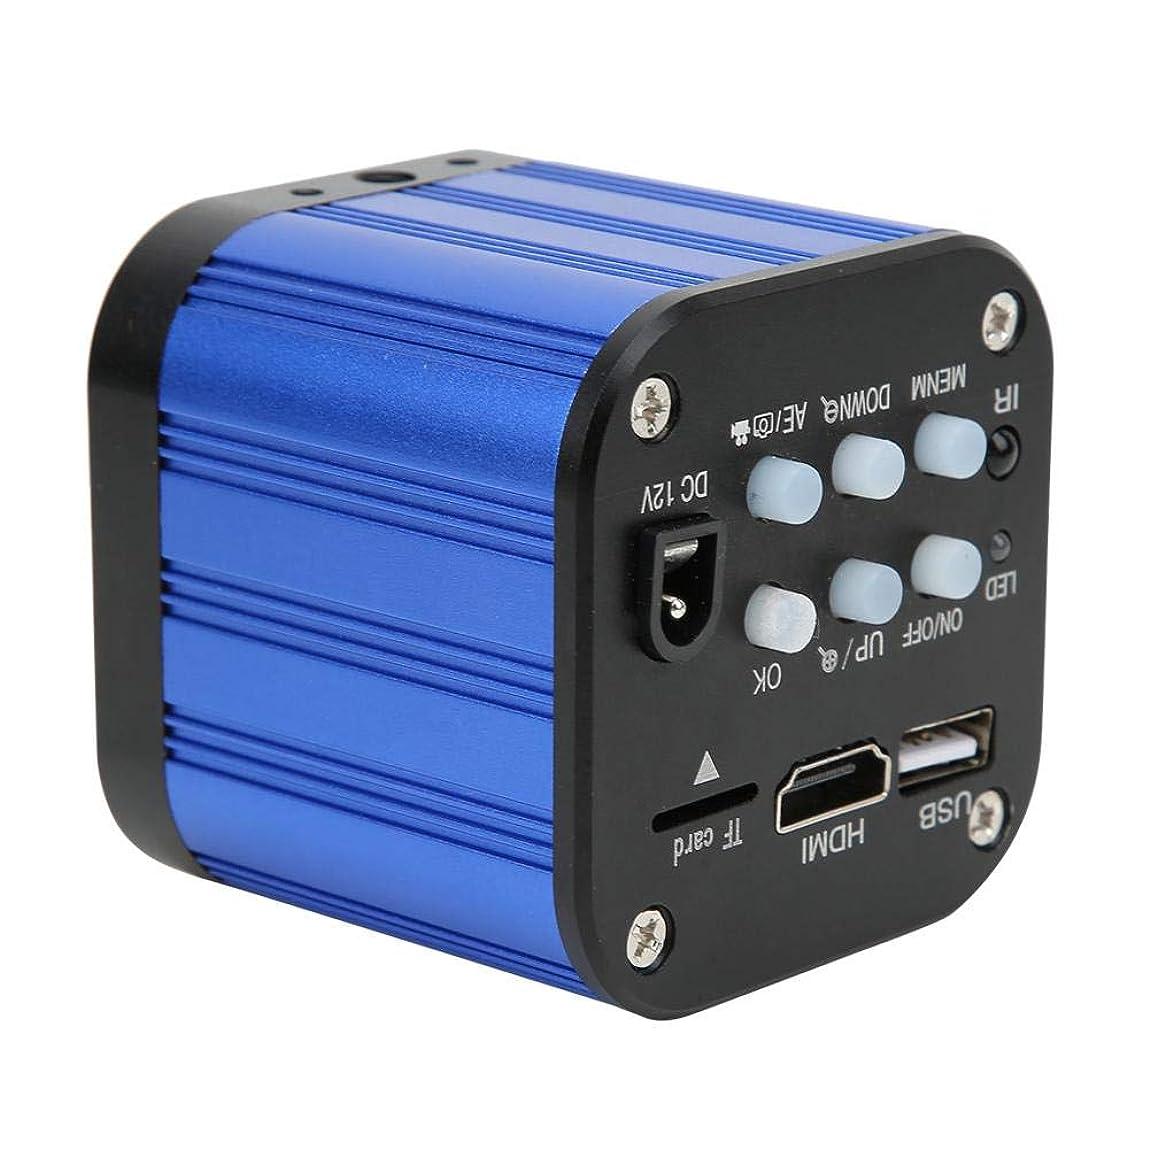 交流する快い誤ってリモコン付きUSBデジタル産業用顕微鏡カメラ、4K Hdmi産業用カメラ、電気顕微鏡カメラ、モバイルCPUおよびプリント基板用(米国のプラグ)